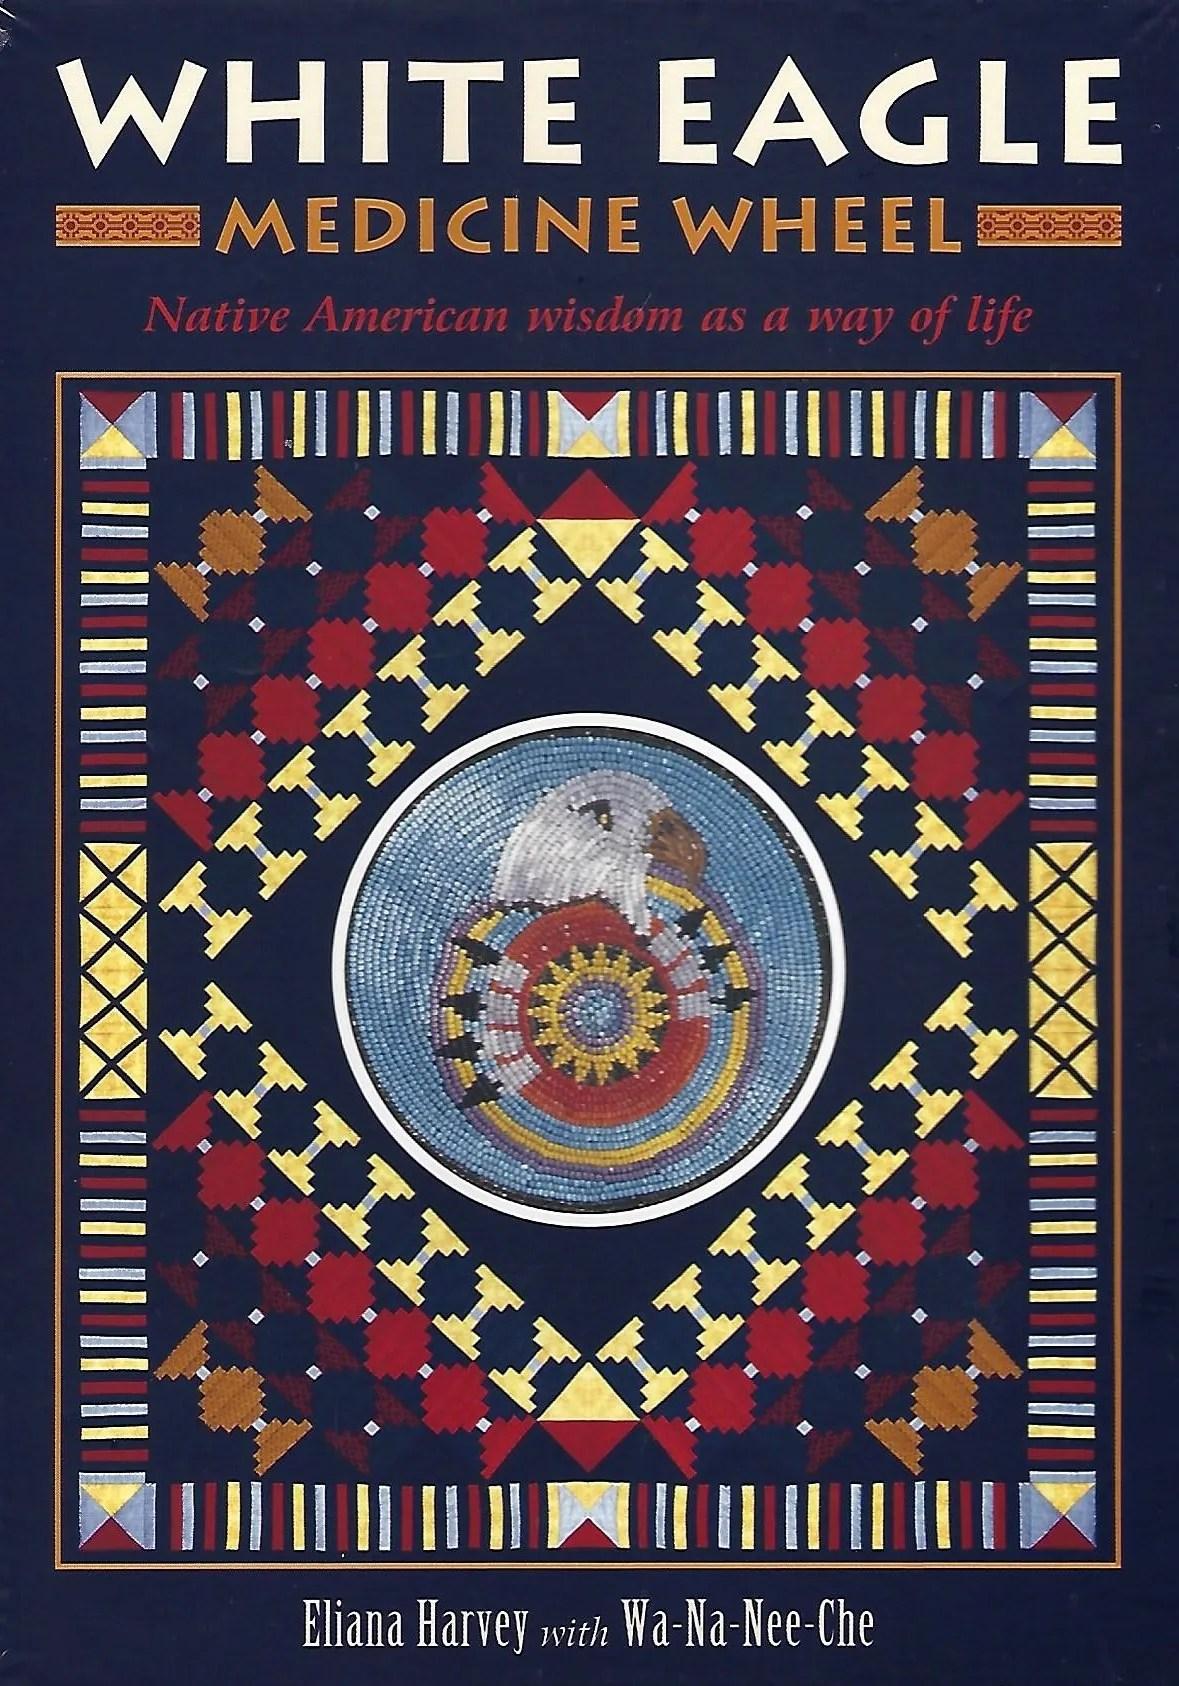 White Eagle Medicine Wheel Native American Wisdom